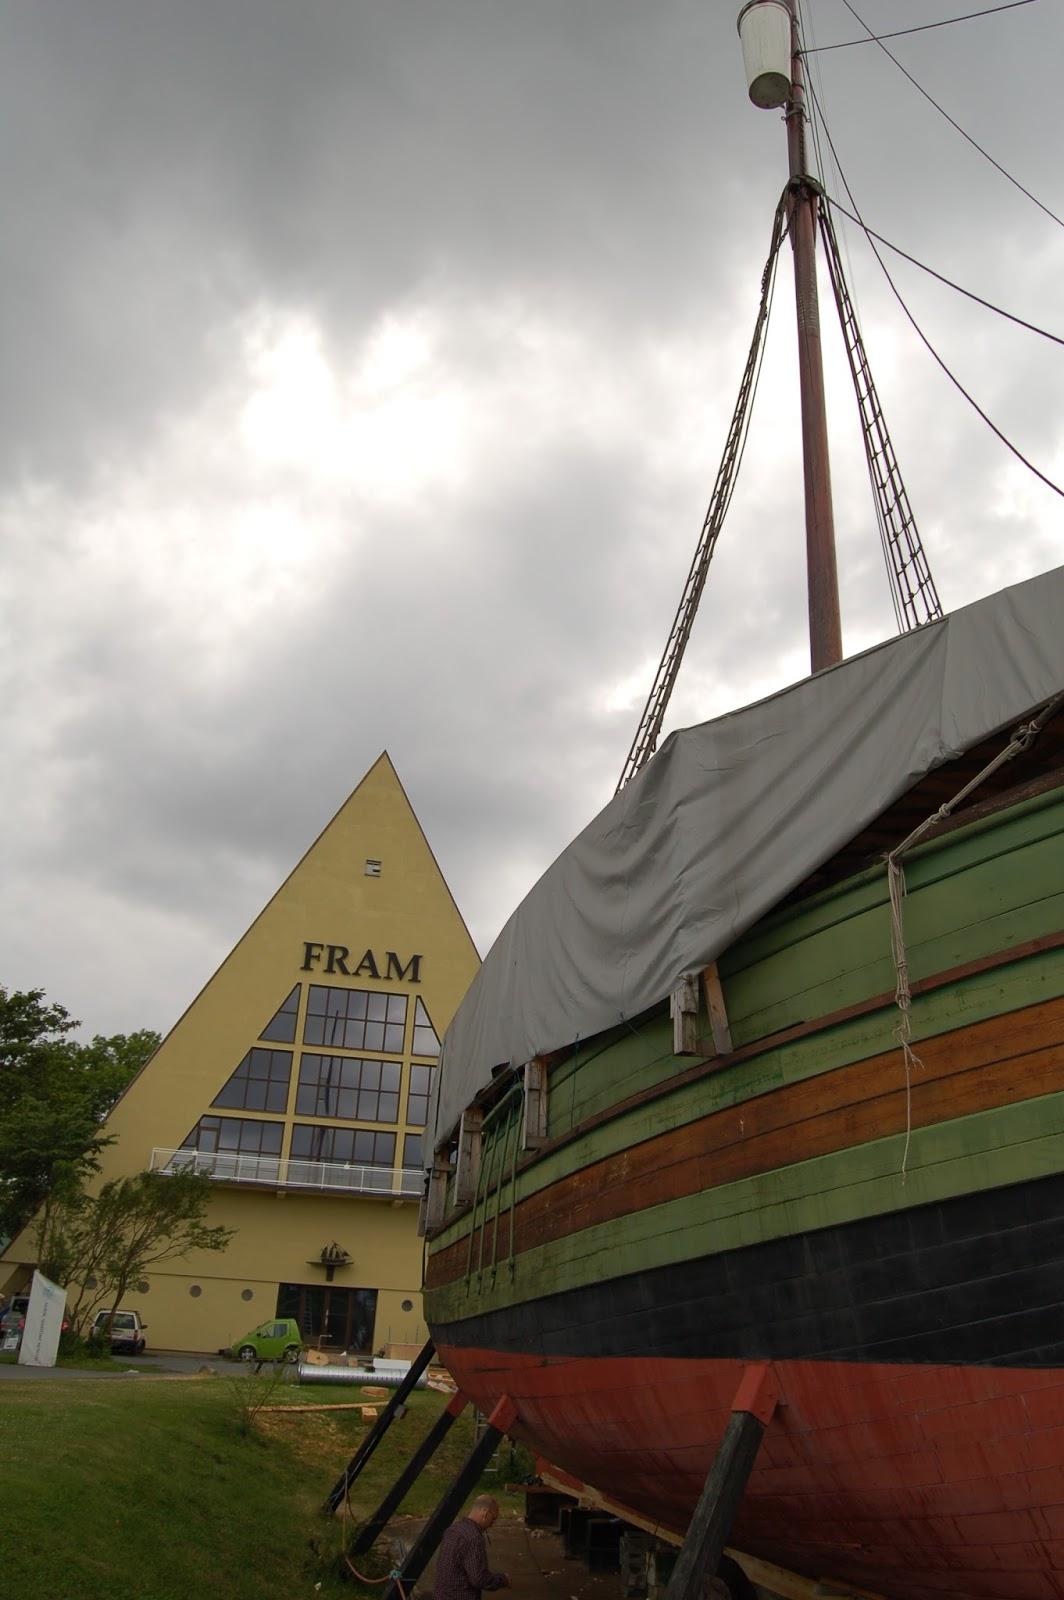 Norwegia, Oslo, Fram, wyprawy polarne